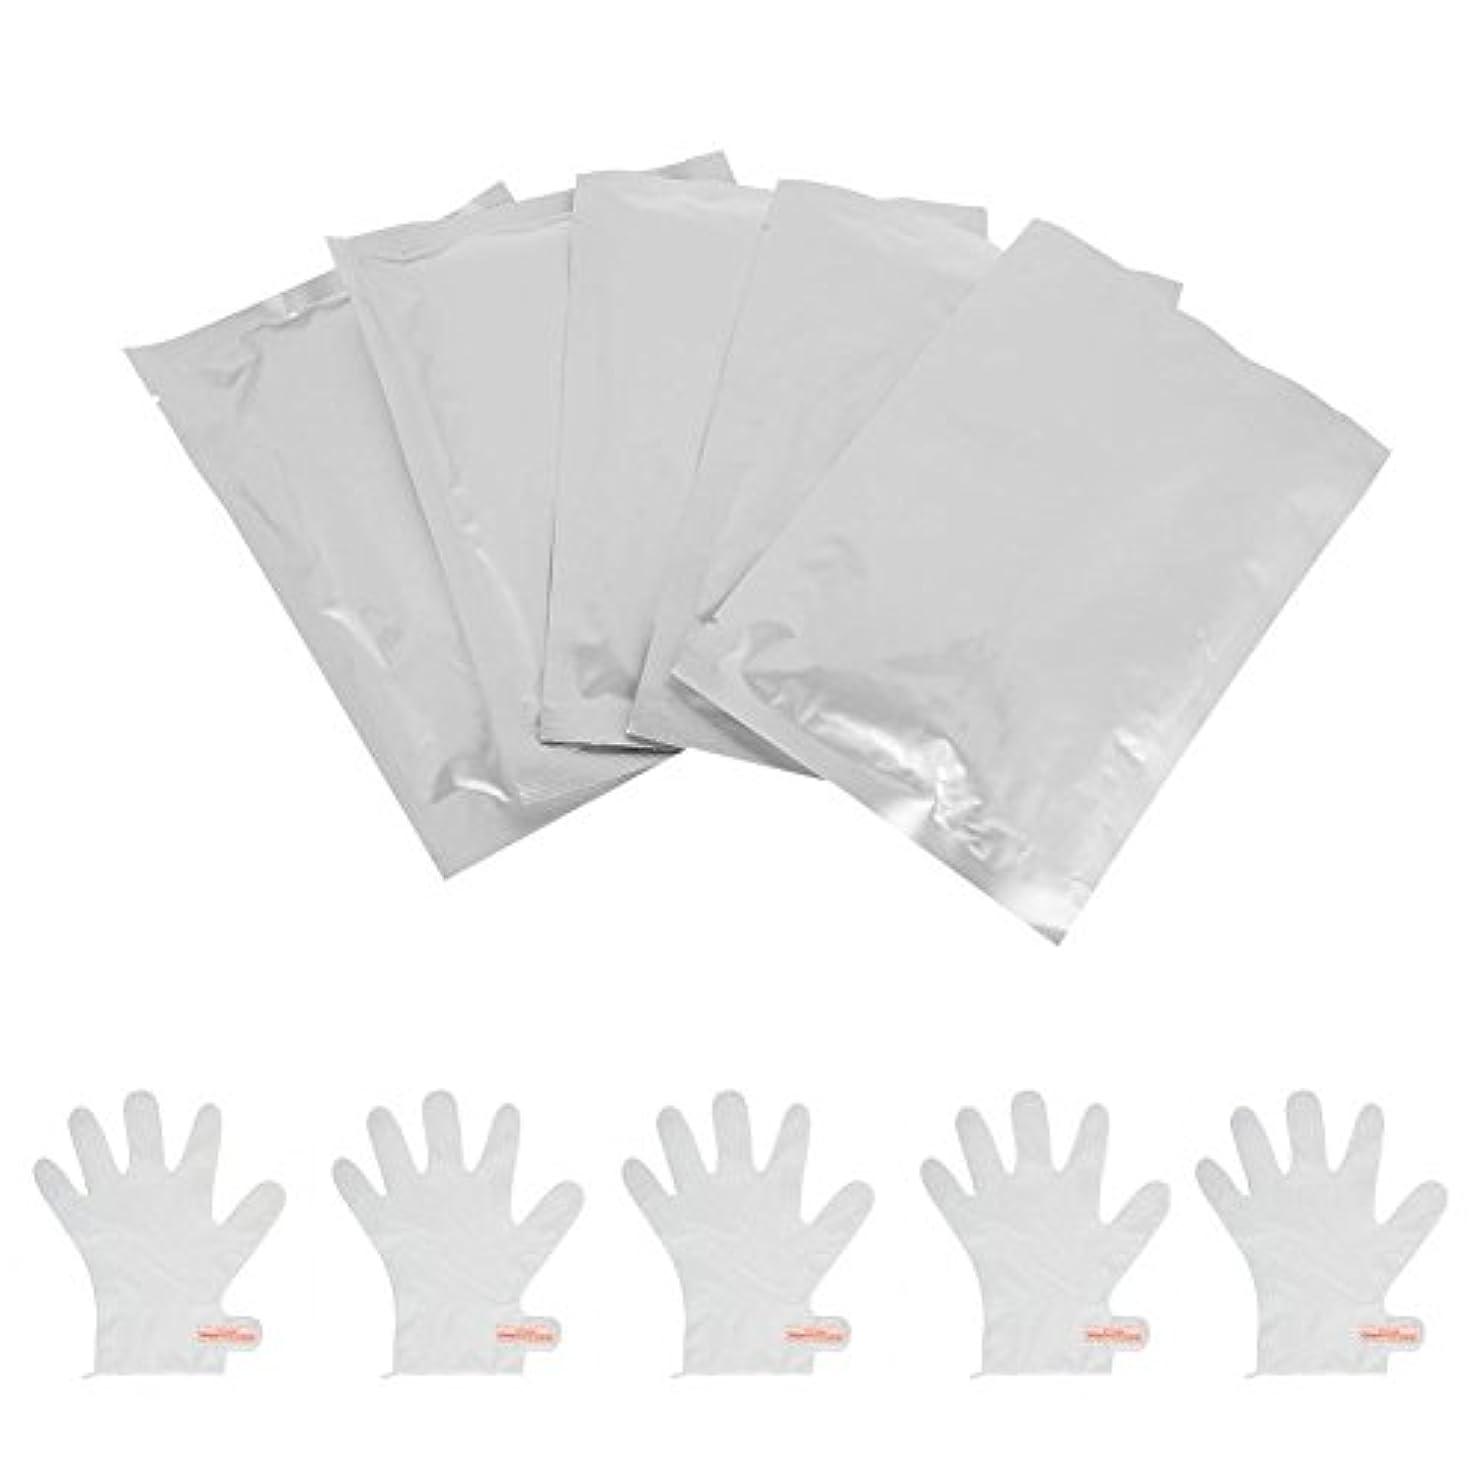 飼料コメント土地Ochun ハンドマスク ハンドパック しっとり 保湿ケア 手荒れを防ぐ 乾燥の季節に適用 手袋のようにはめるだけ 10枚セット